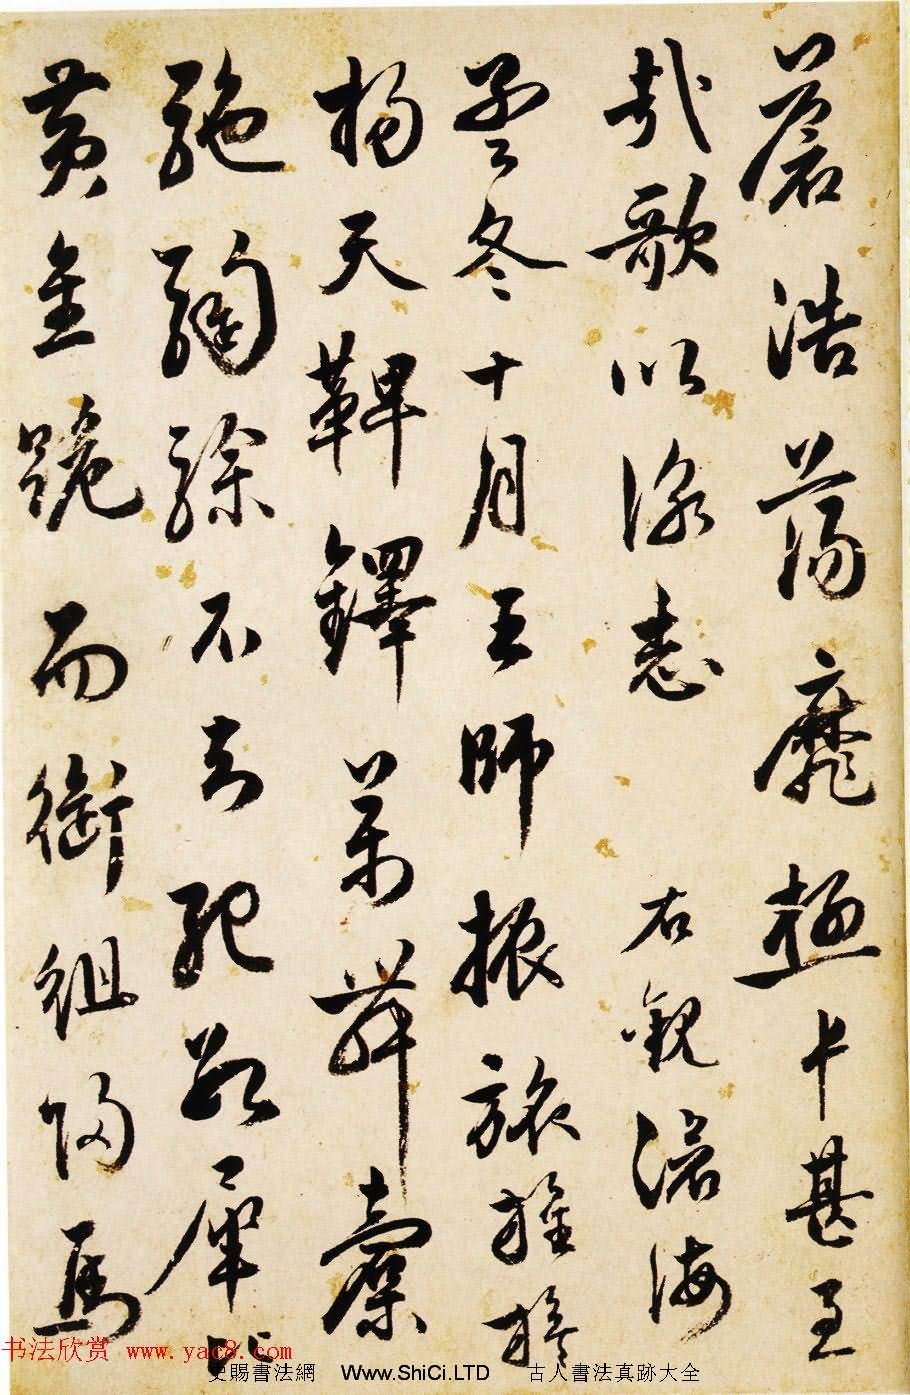 明代王世貞行草書法作品欣賞《樂府詞》